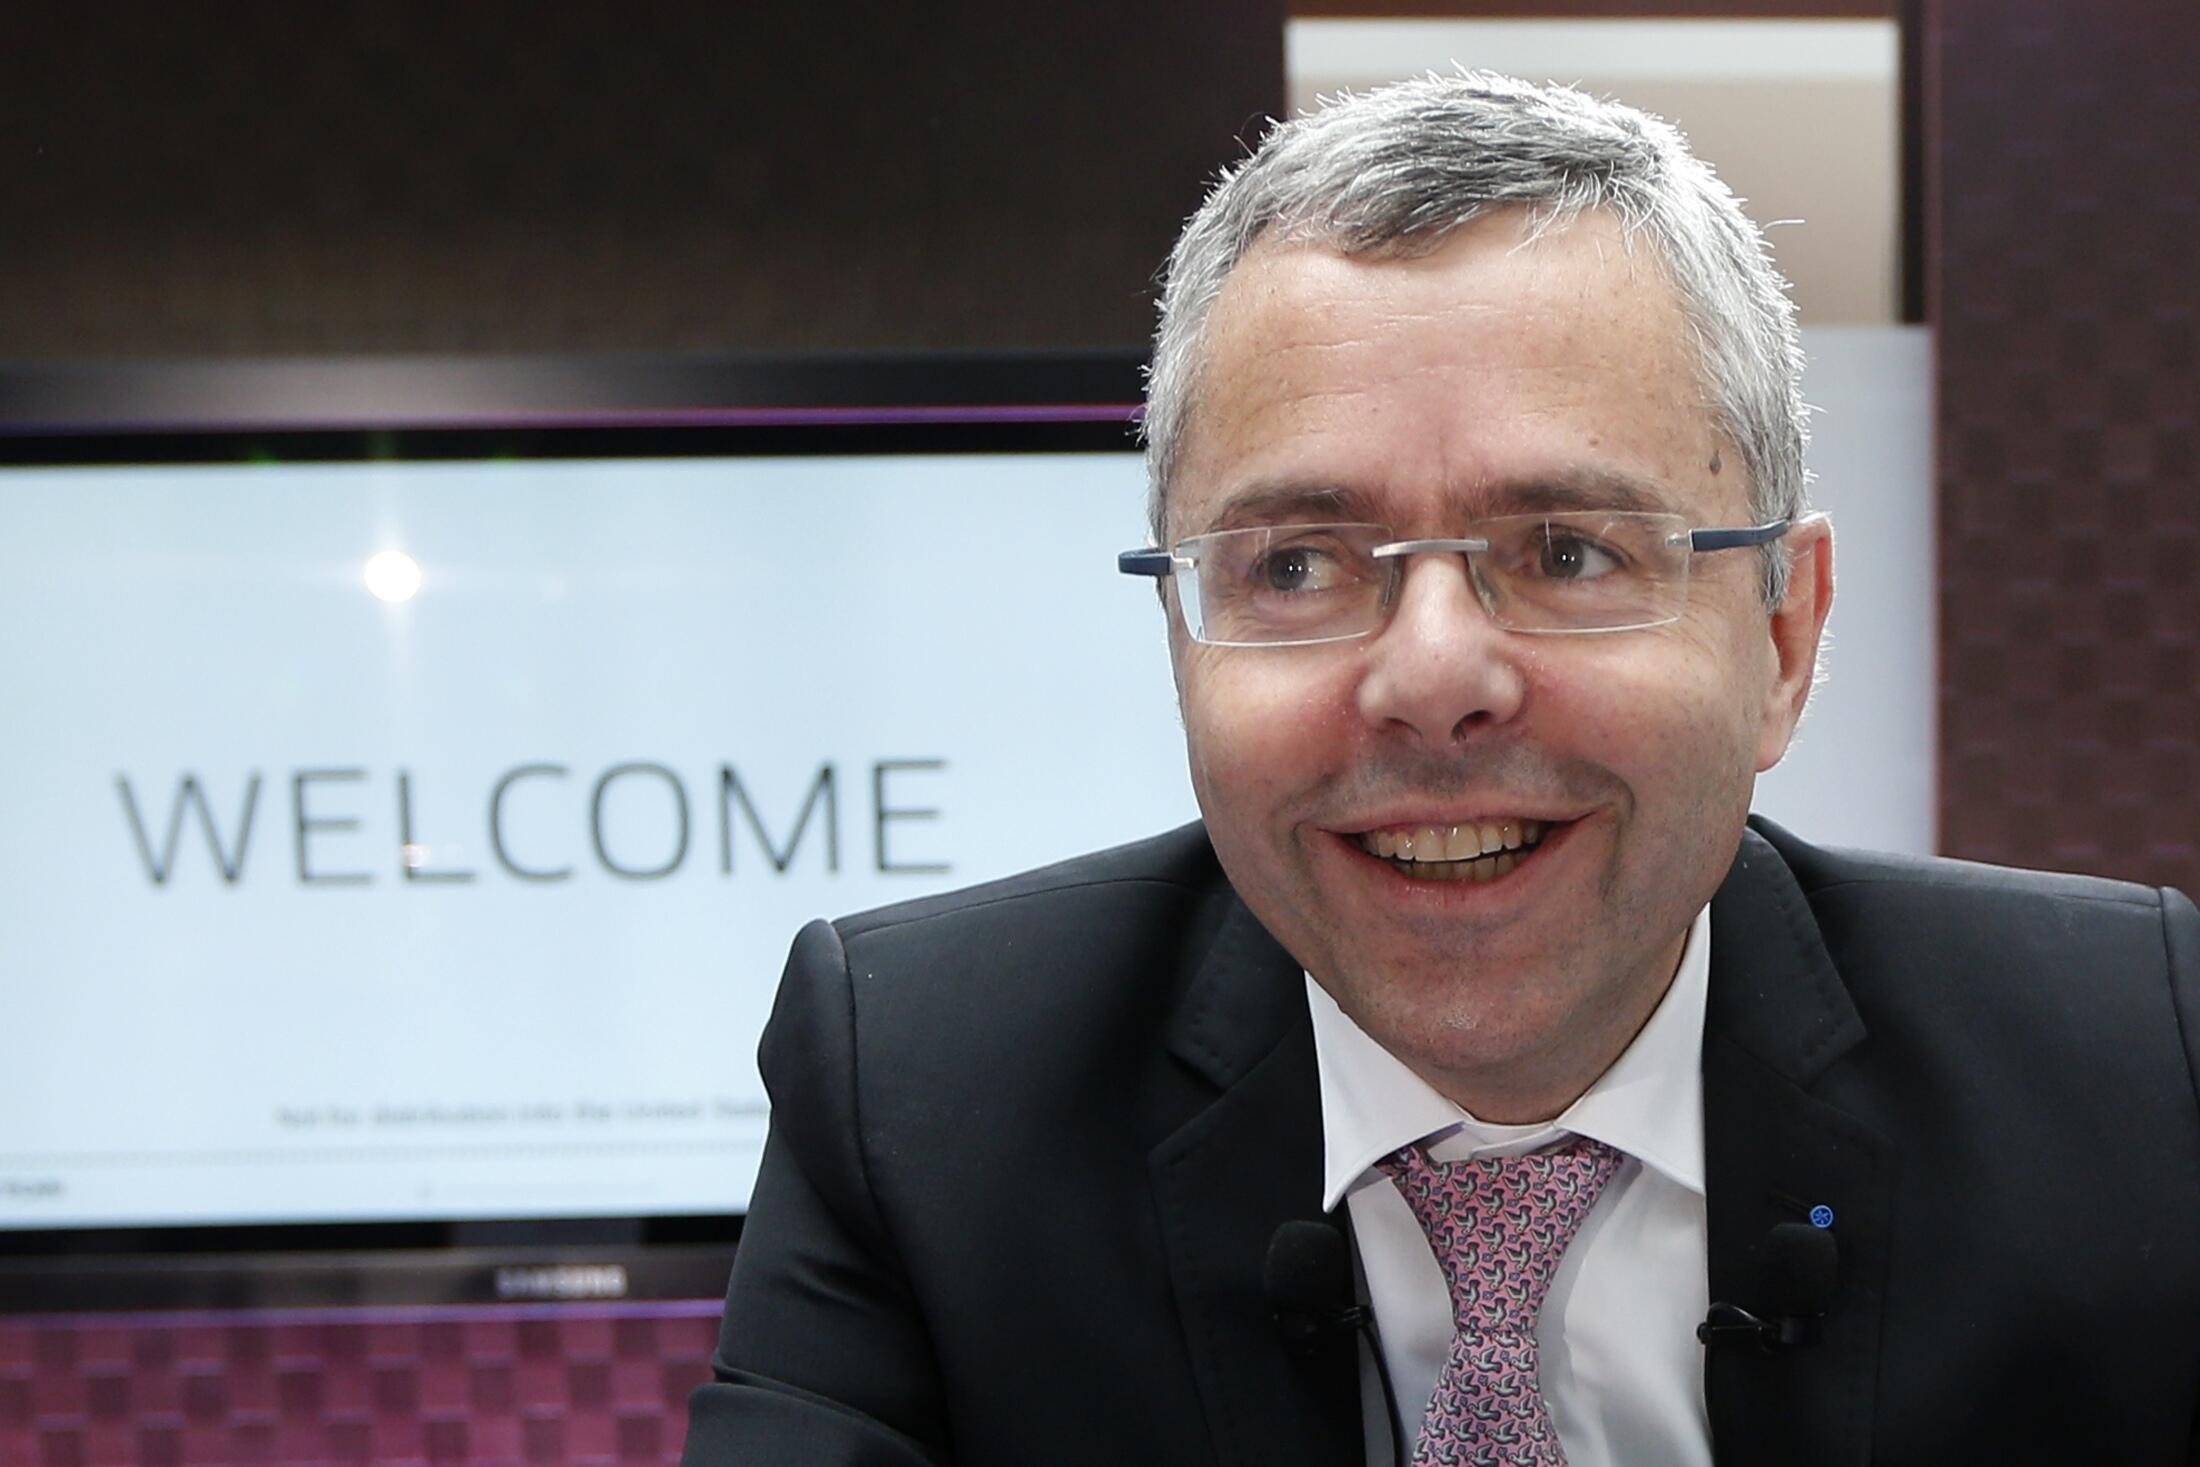 Президент и гендиректор Alcatel Lucent Мишель Комб (Michel Combes) после своего назначения летом 2013.